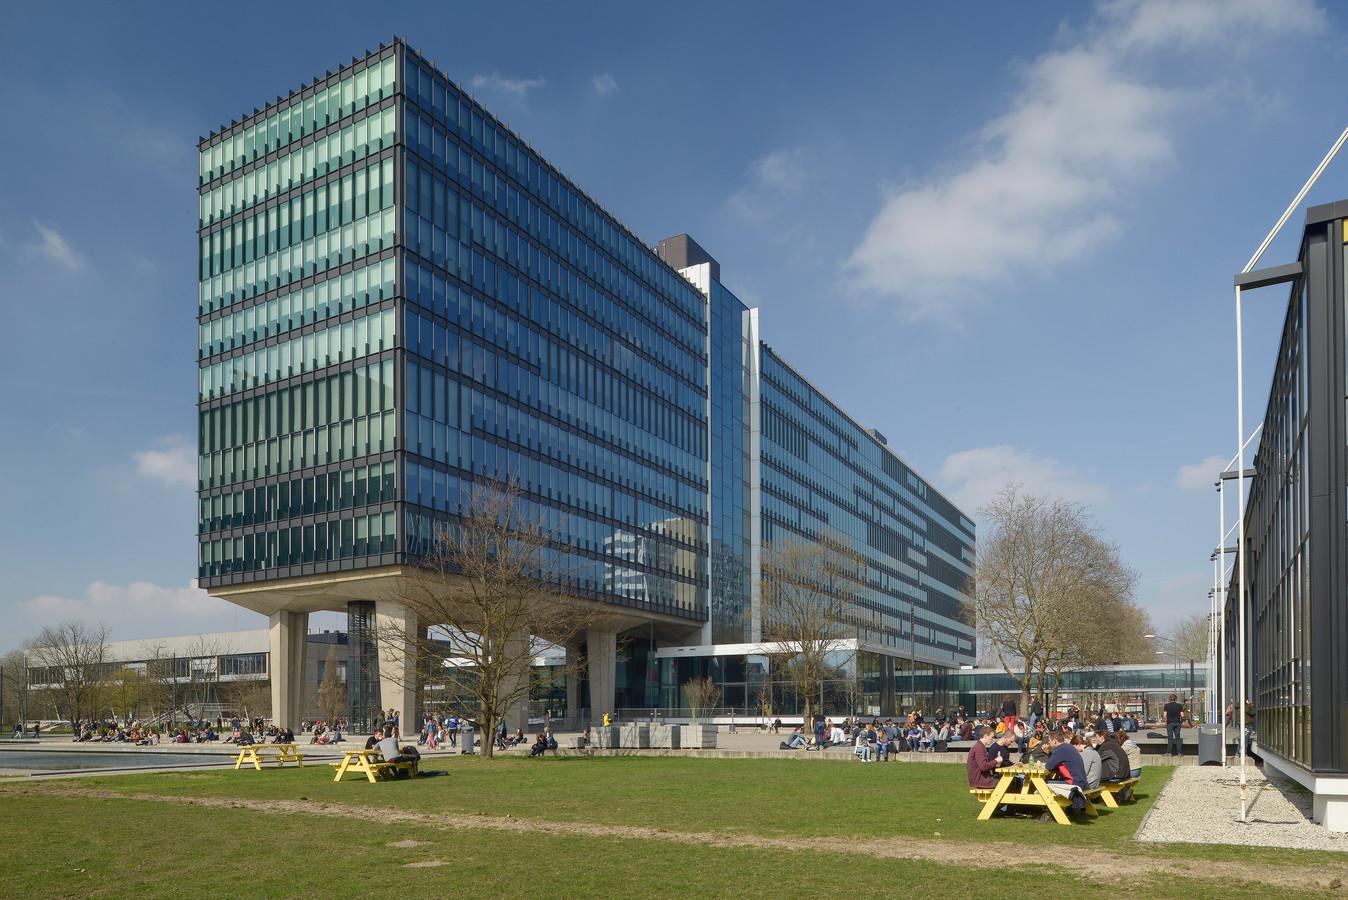 Hoofdgebouw Atlas van de TU/e is genomineerd voor de architectuurprijs van de gemeente Eindhoven, de Dirk Roosenburgprijs 2019. De renovatie is een ontwerp van TEAM V.